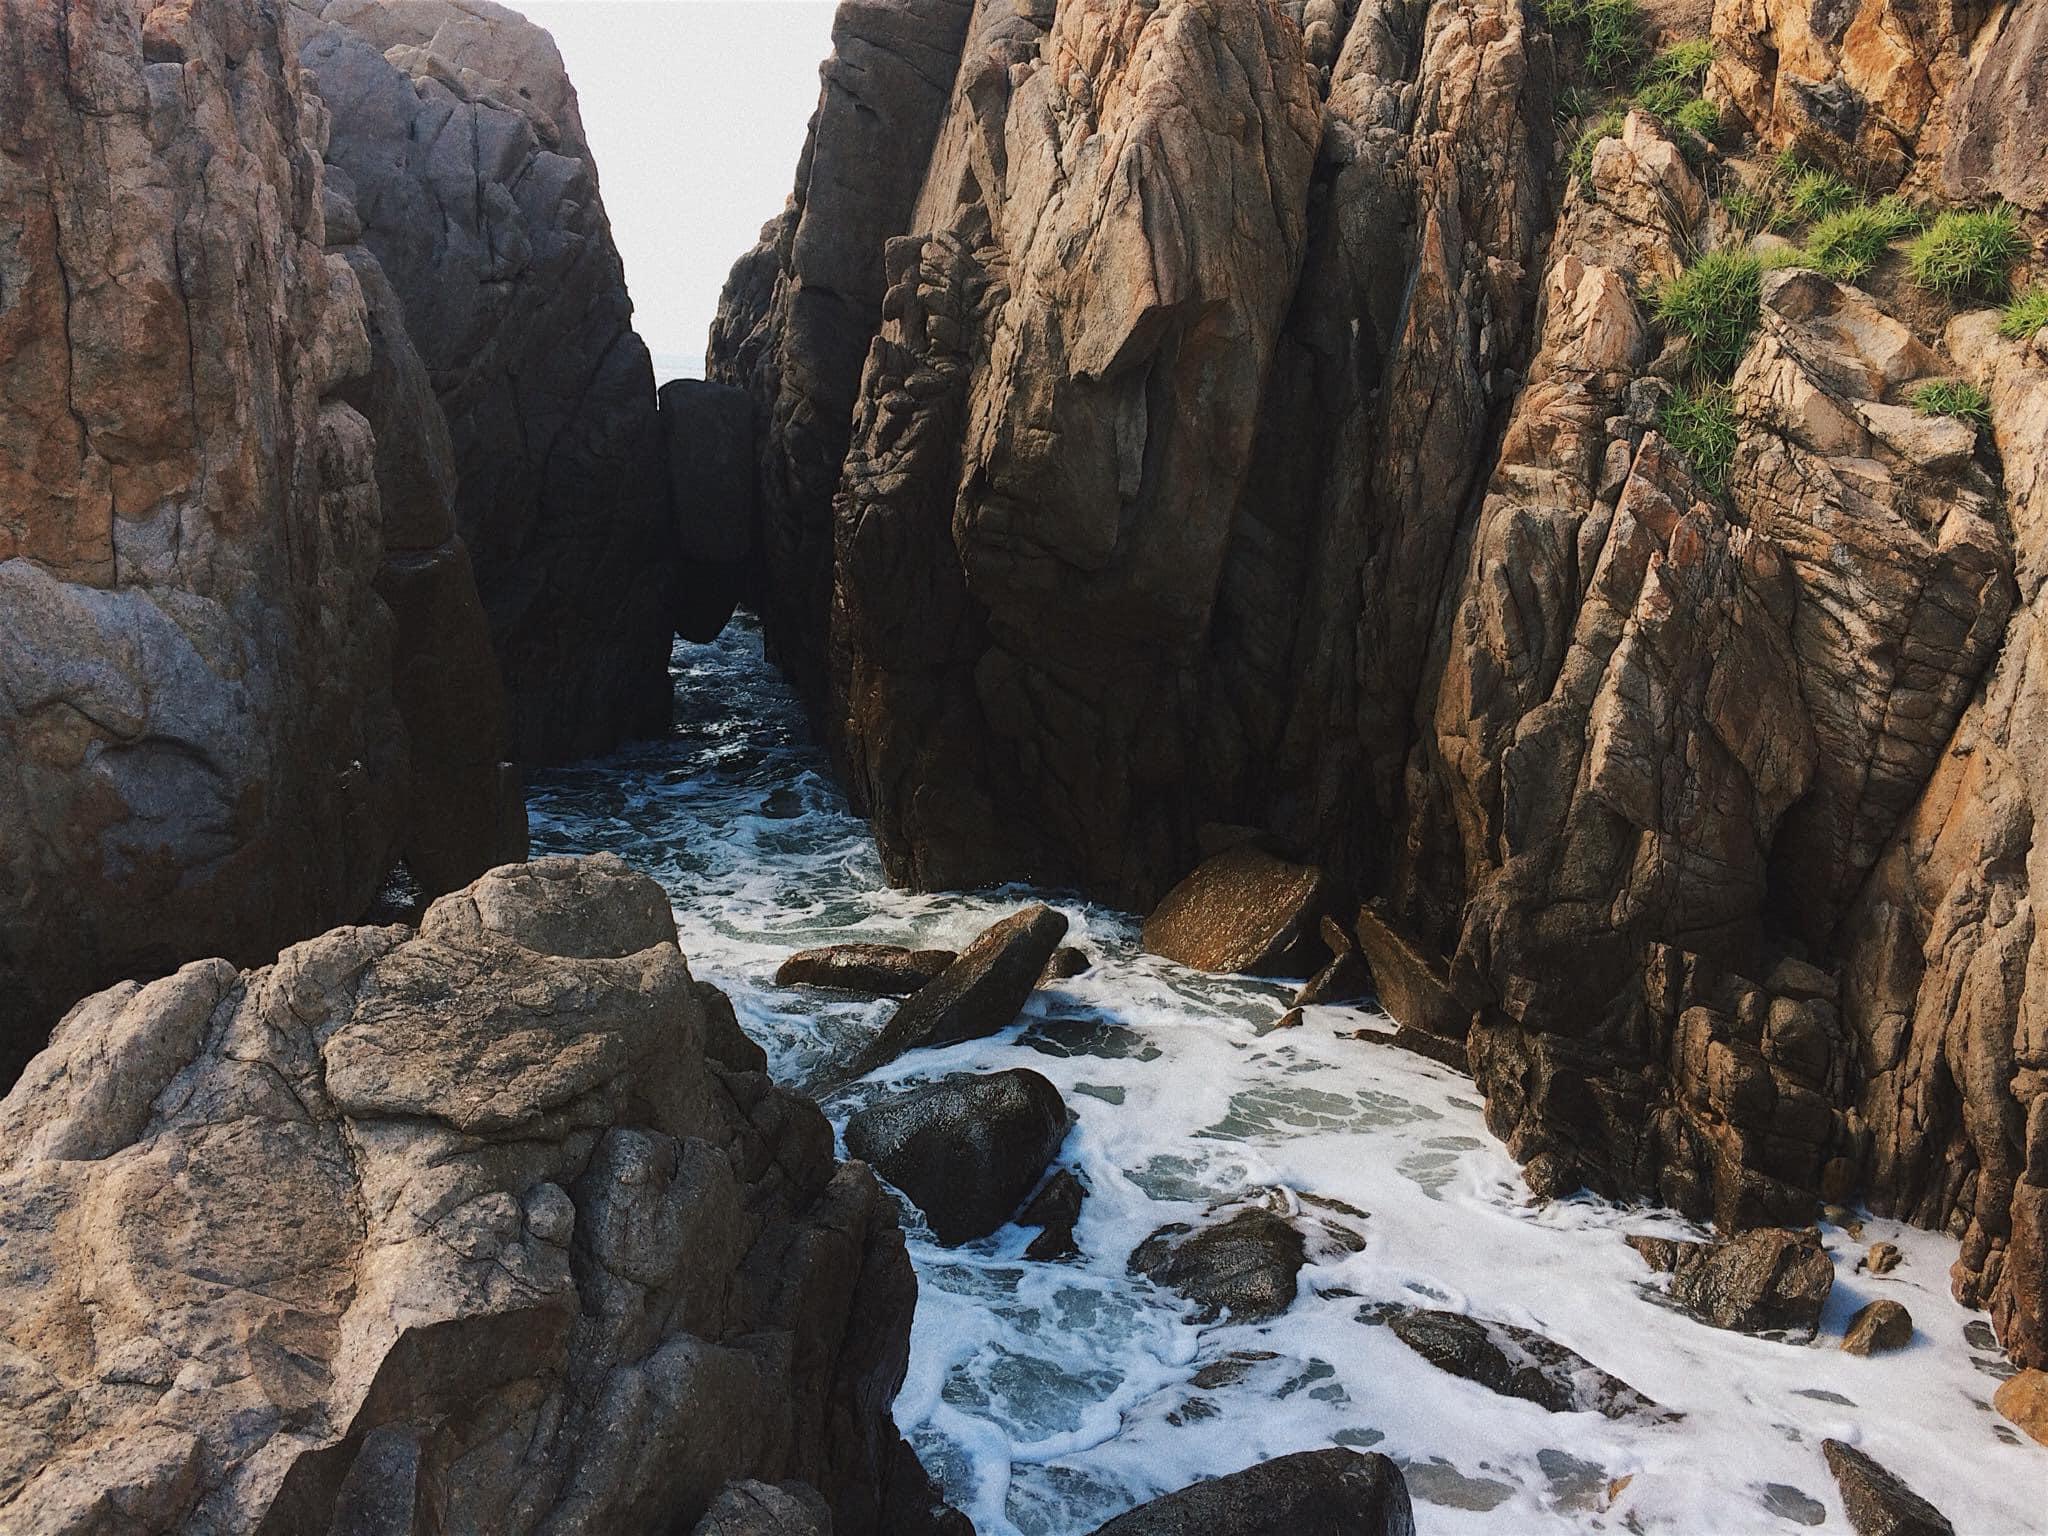 Chiêm ngưỡng vẻ đẹp Gành Đèn, 'viên ngọc' được cất giấu giữa biển trời Phú Yên  - Ảnh 12.